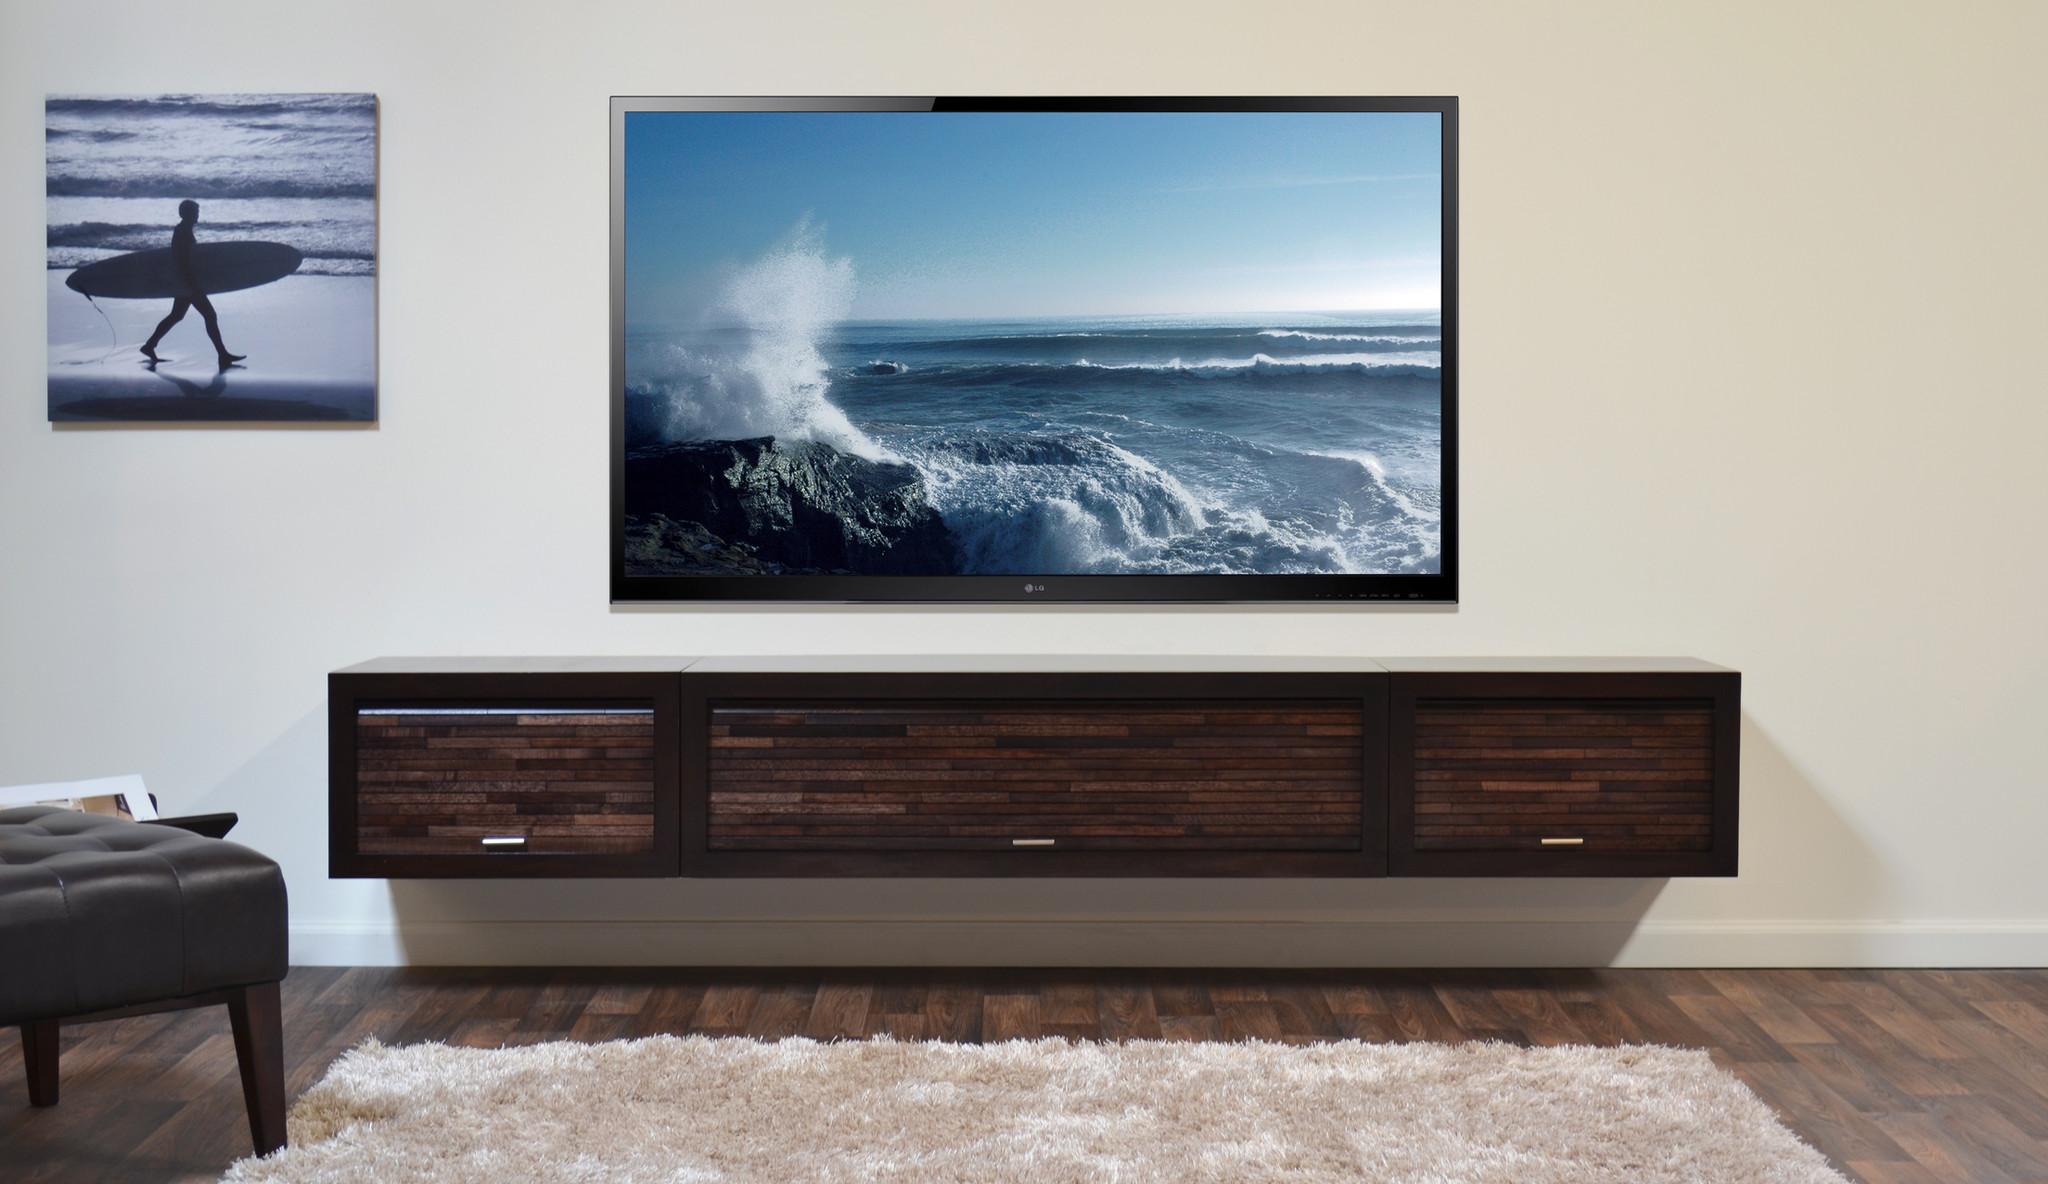 Slik monterer du TV-en riktig og trygt på veggen